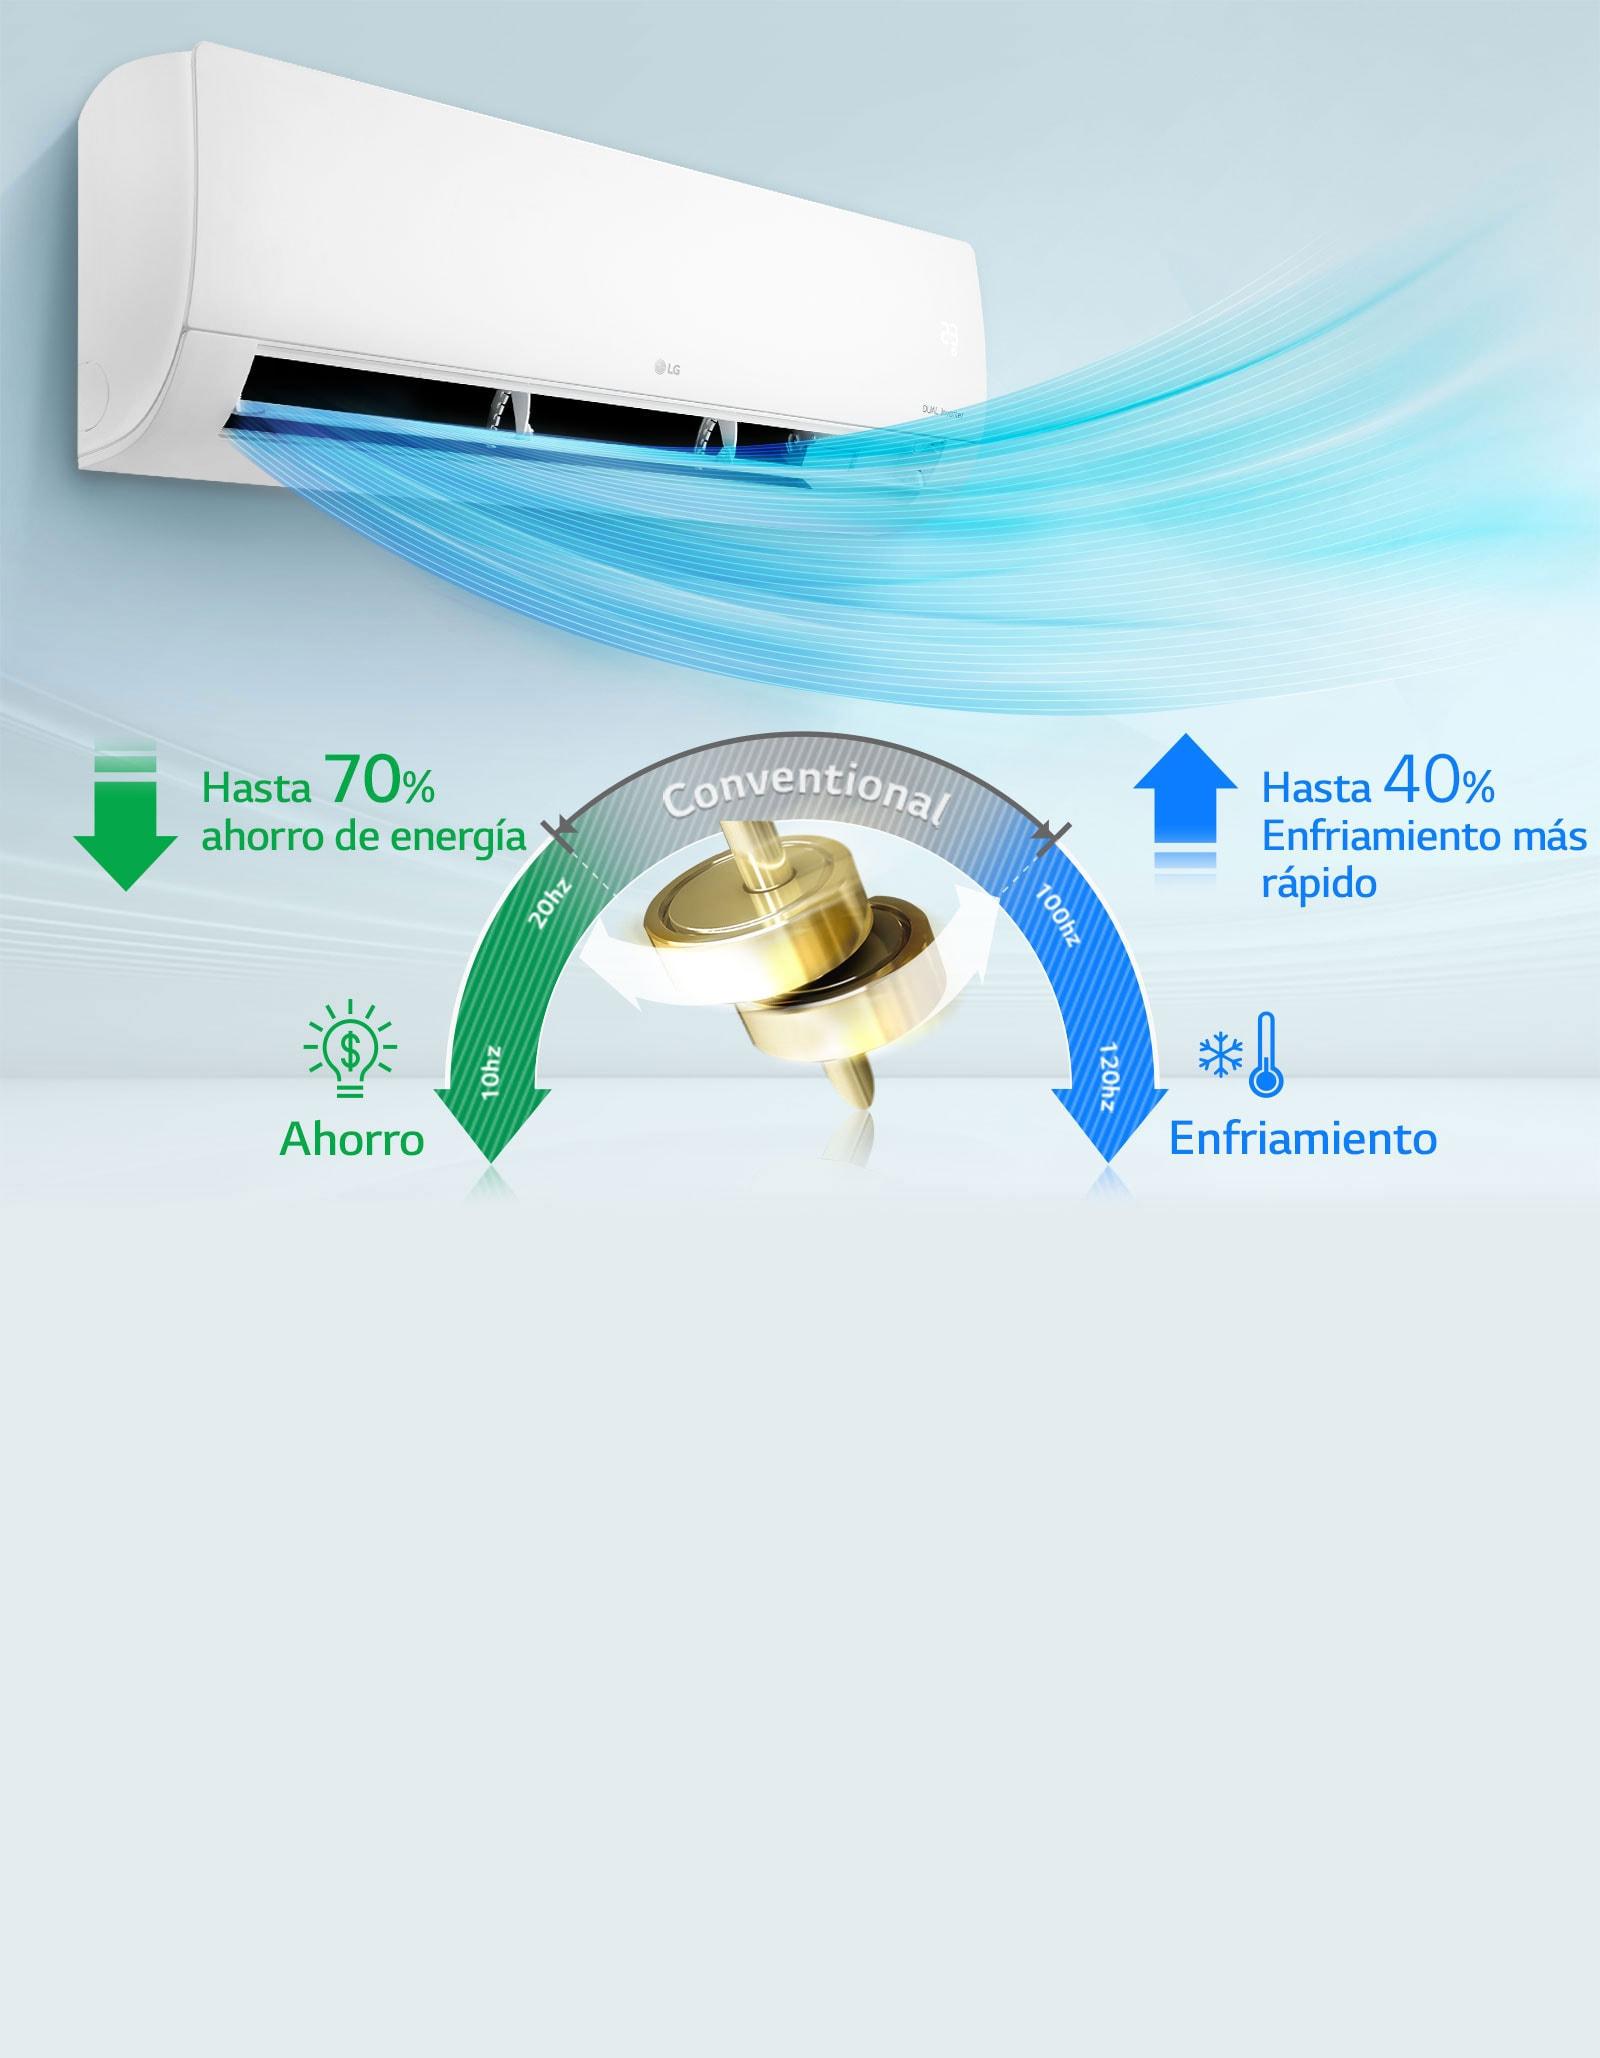 Ahorro de Energía y Enfriamiento Rápido<br>3